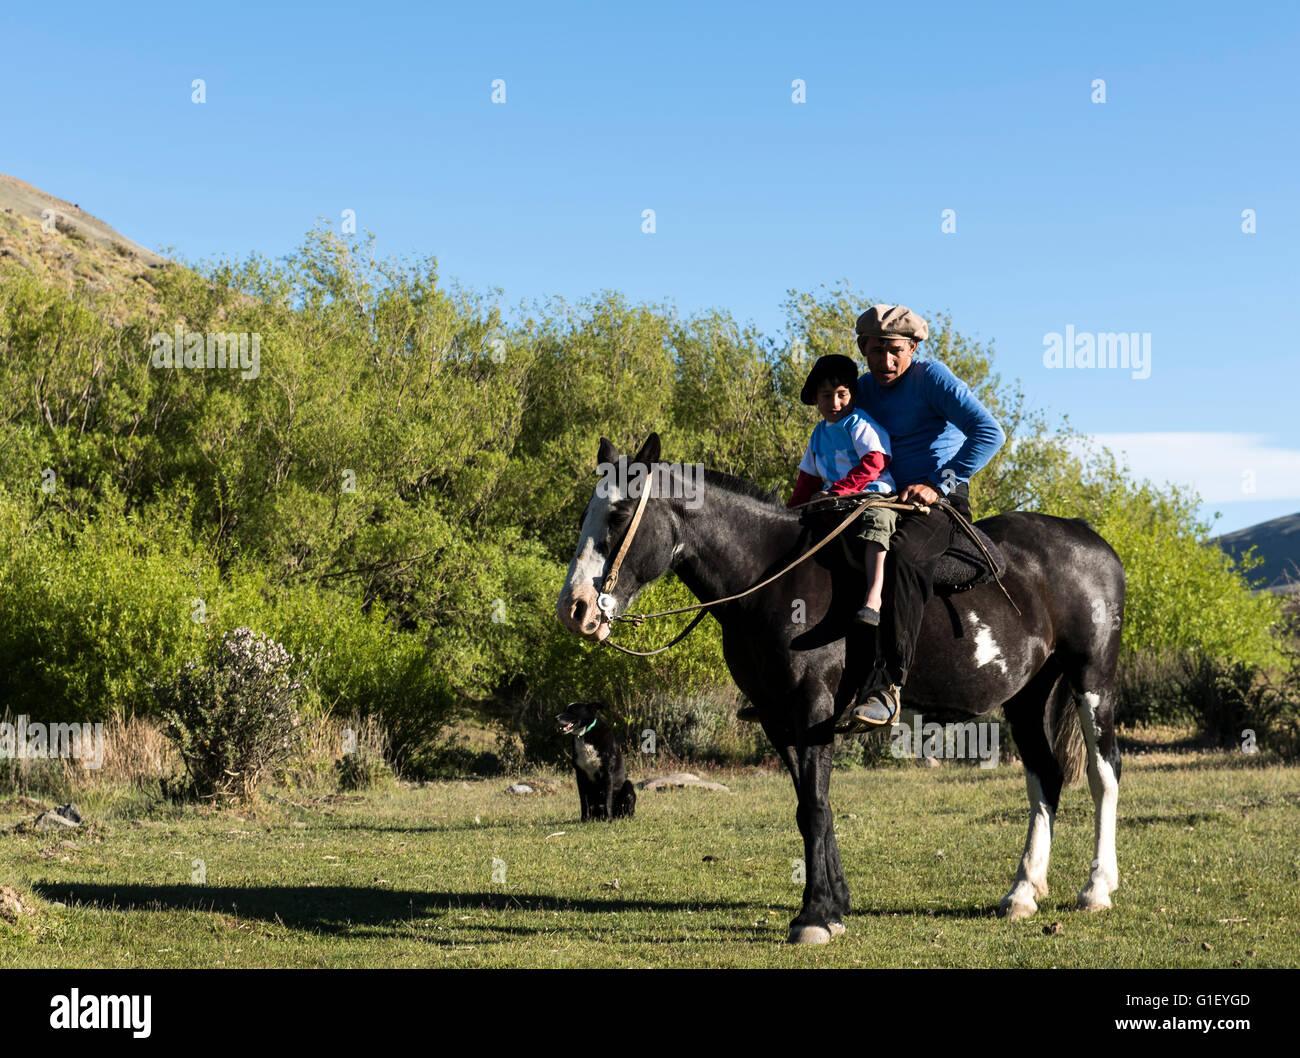 Gaucho on horse (Equus ferus) Calafate Patagonia Argentina - Stock Image